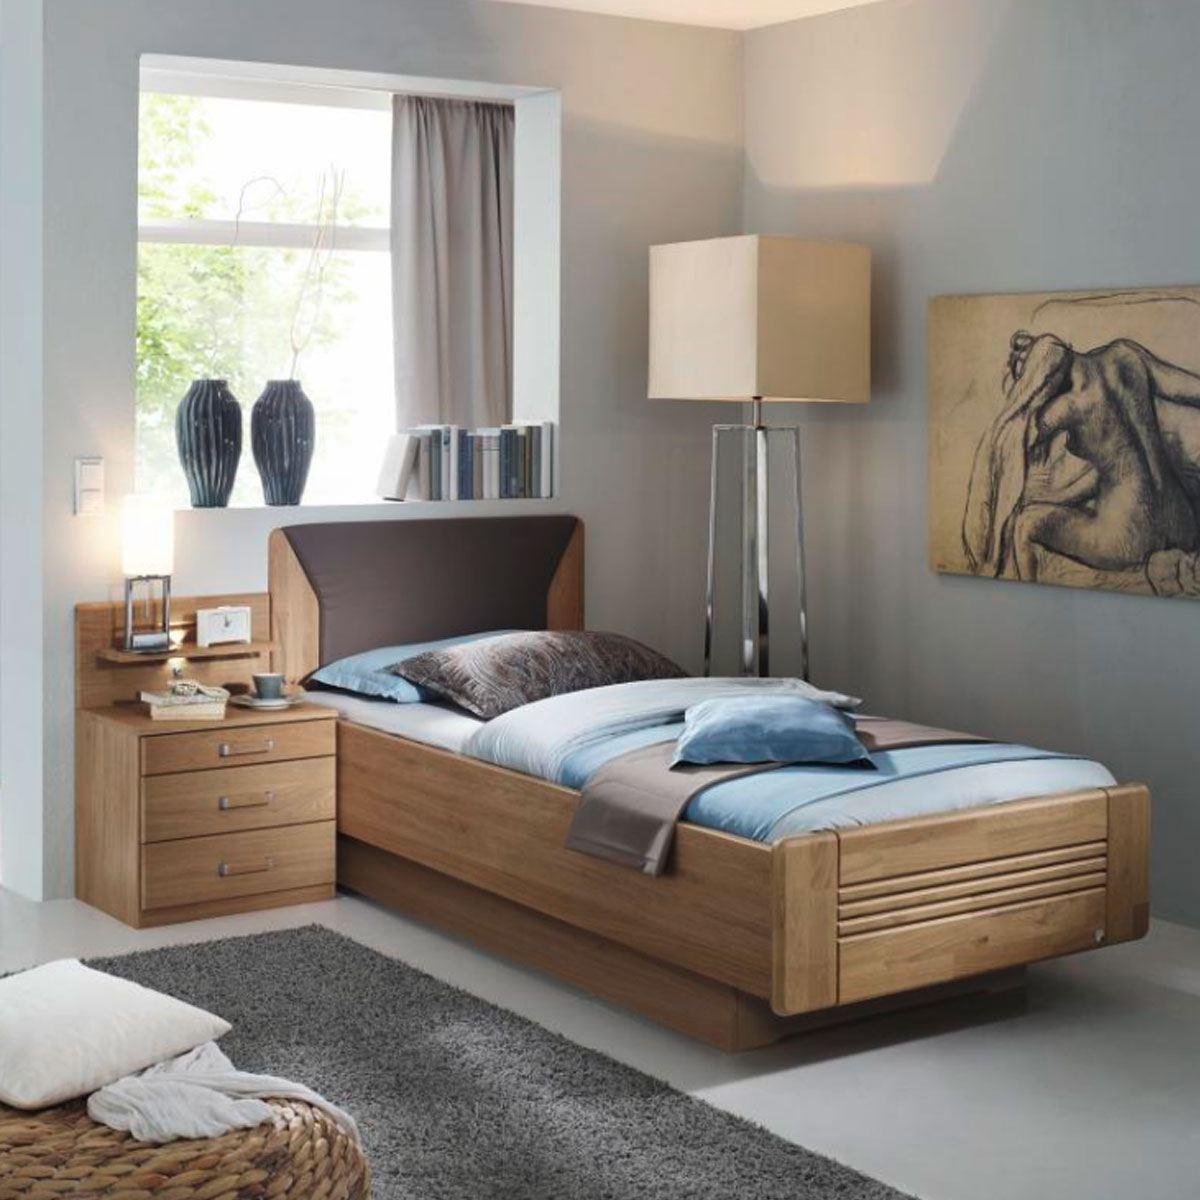 rauch steffen valerie bett mit nachtkommode wildeiche natur teilmassiv. Black Bedroom Furniture Sets. Home Design Ideas